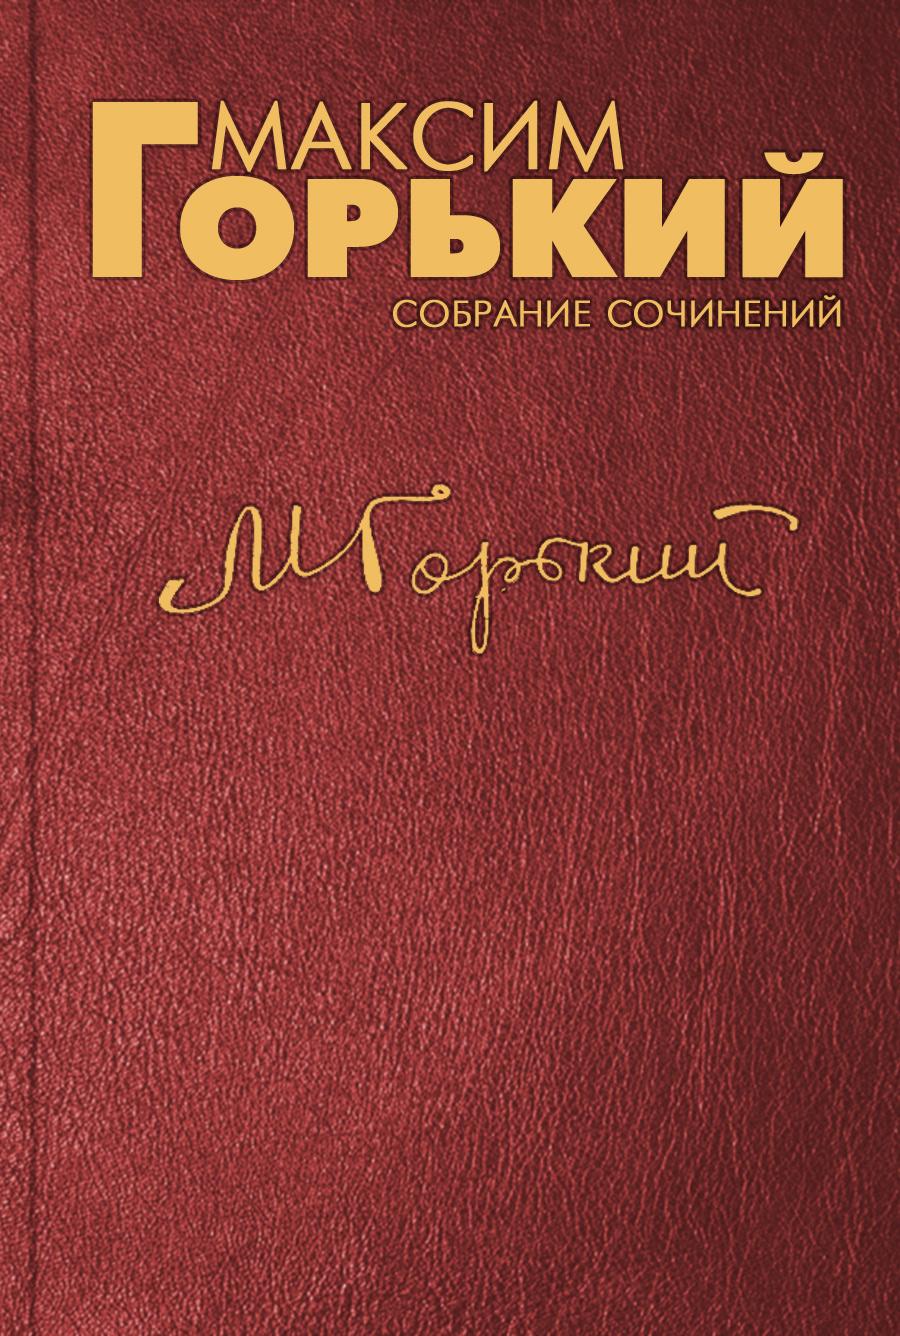 цена Максим Горький О пользе грамотности